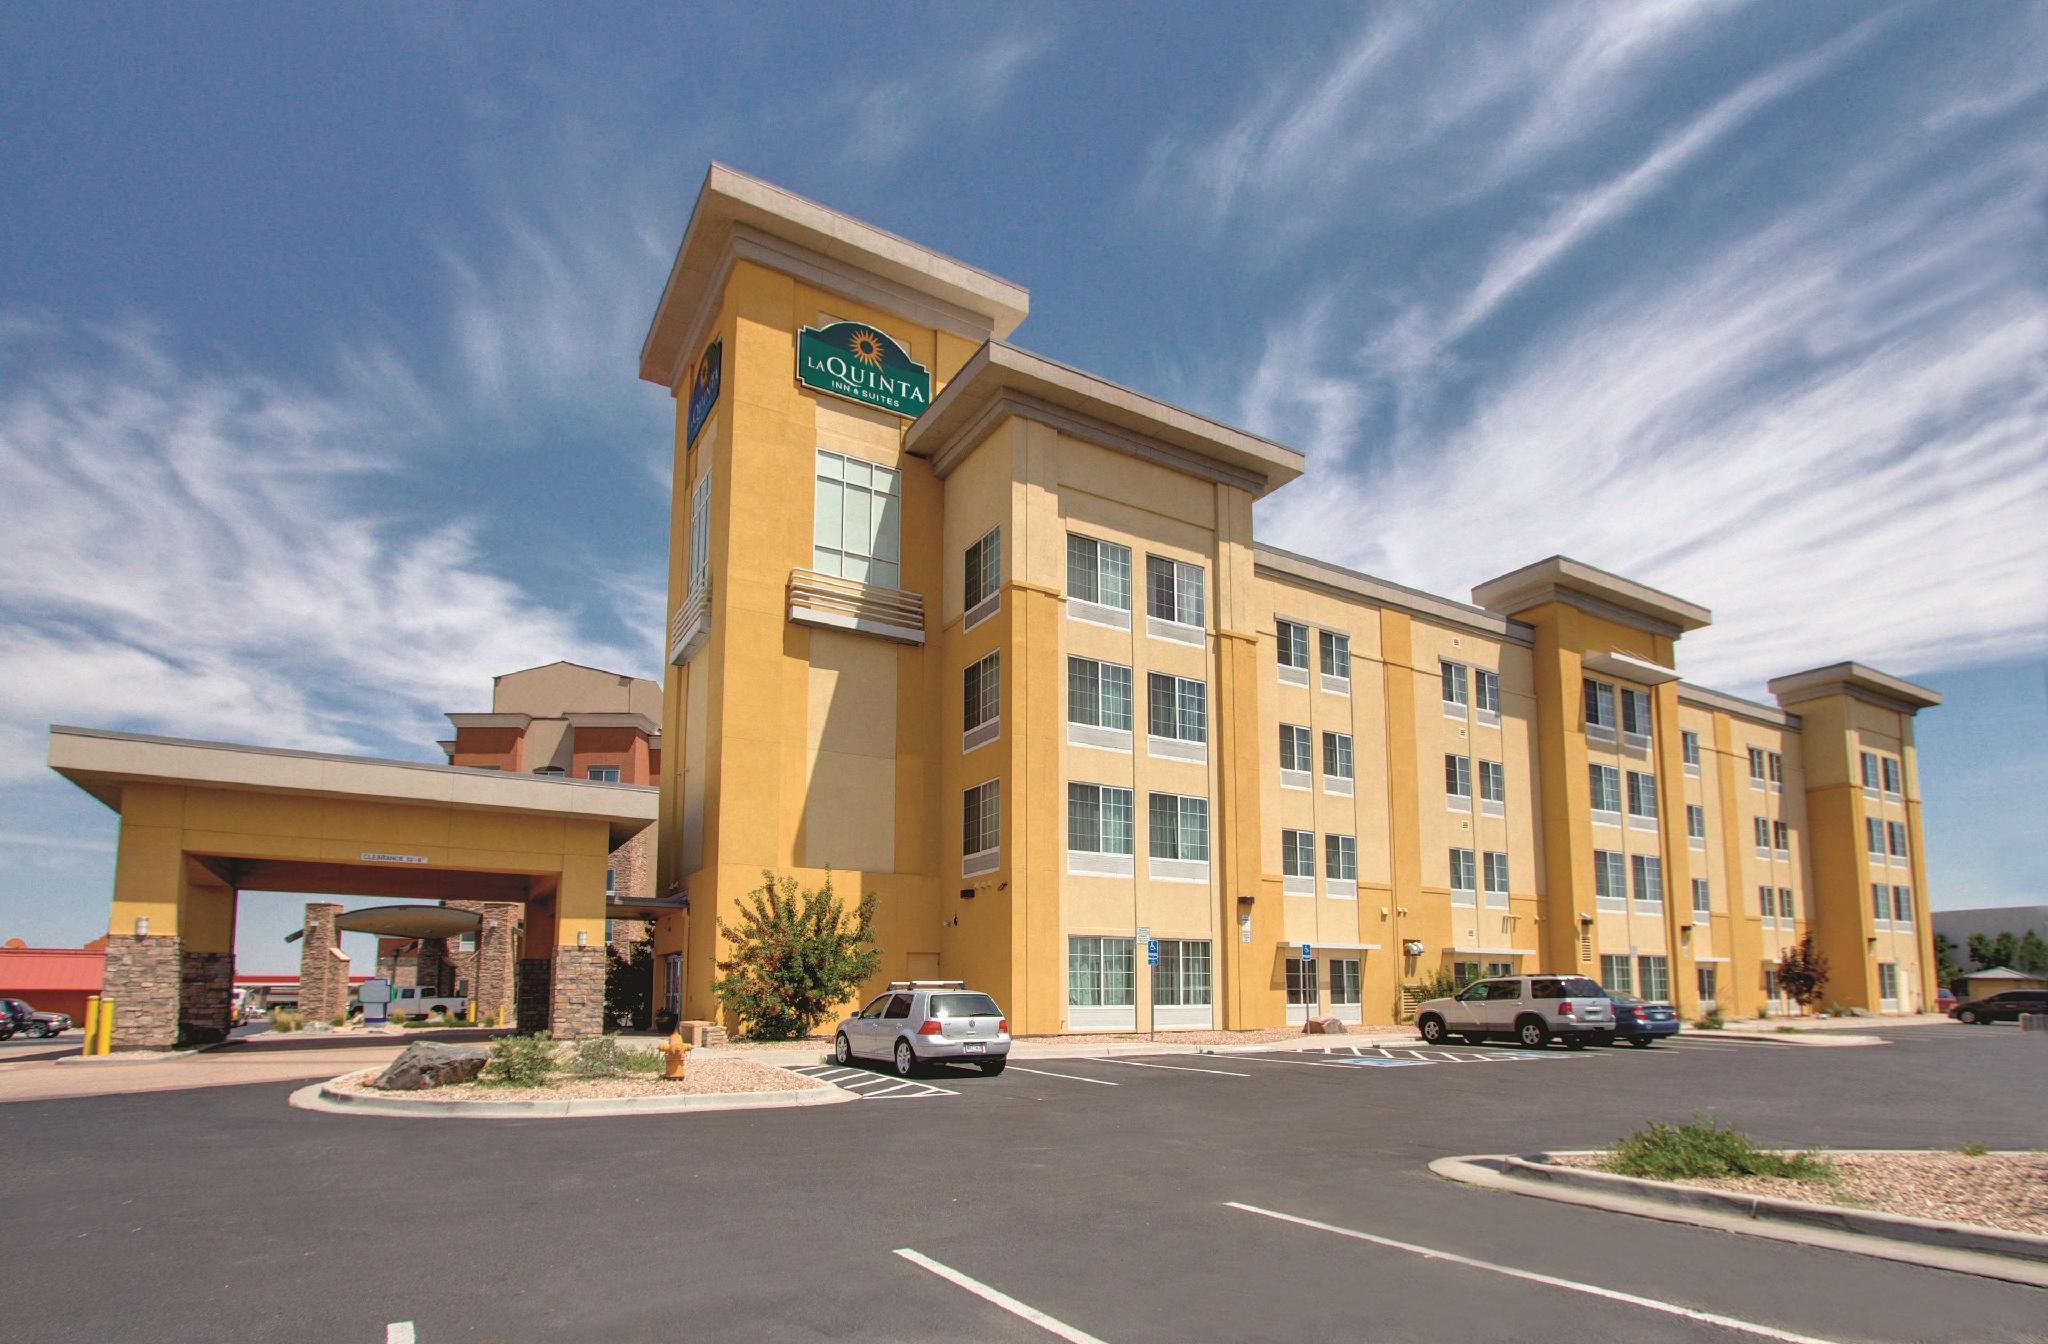 La Quinta Inn And Suites By Wyndham Denver Gateway Park